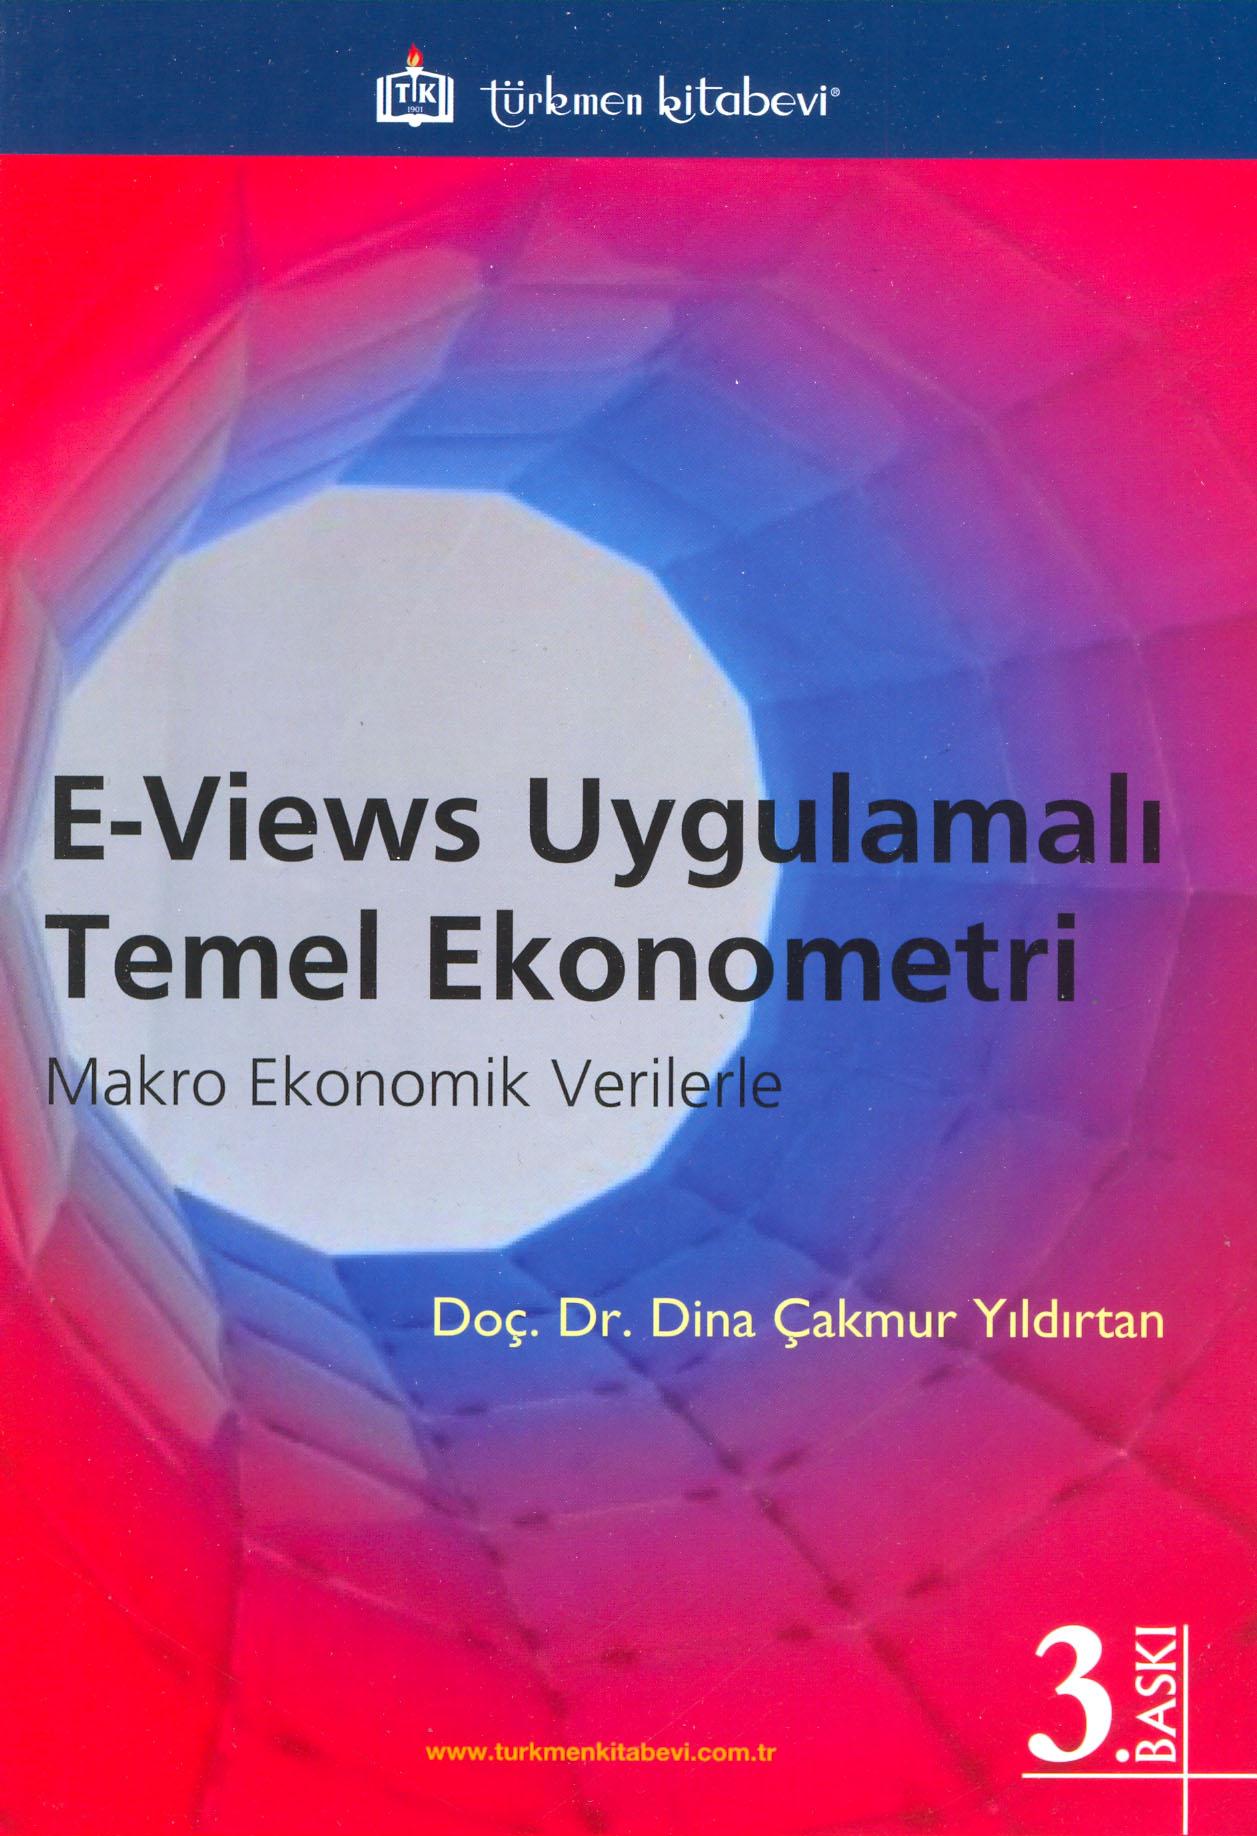 E - Views Uygulamalı Temel Ekonometri; Makro Ekonomik Verilerle